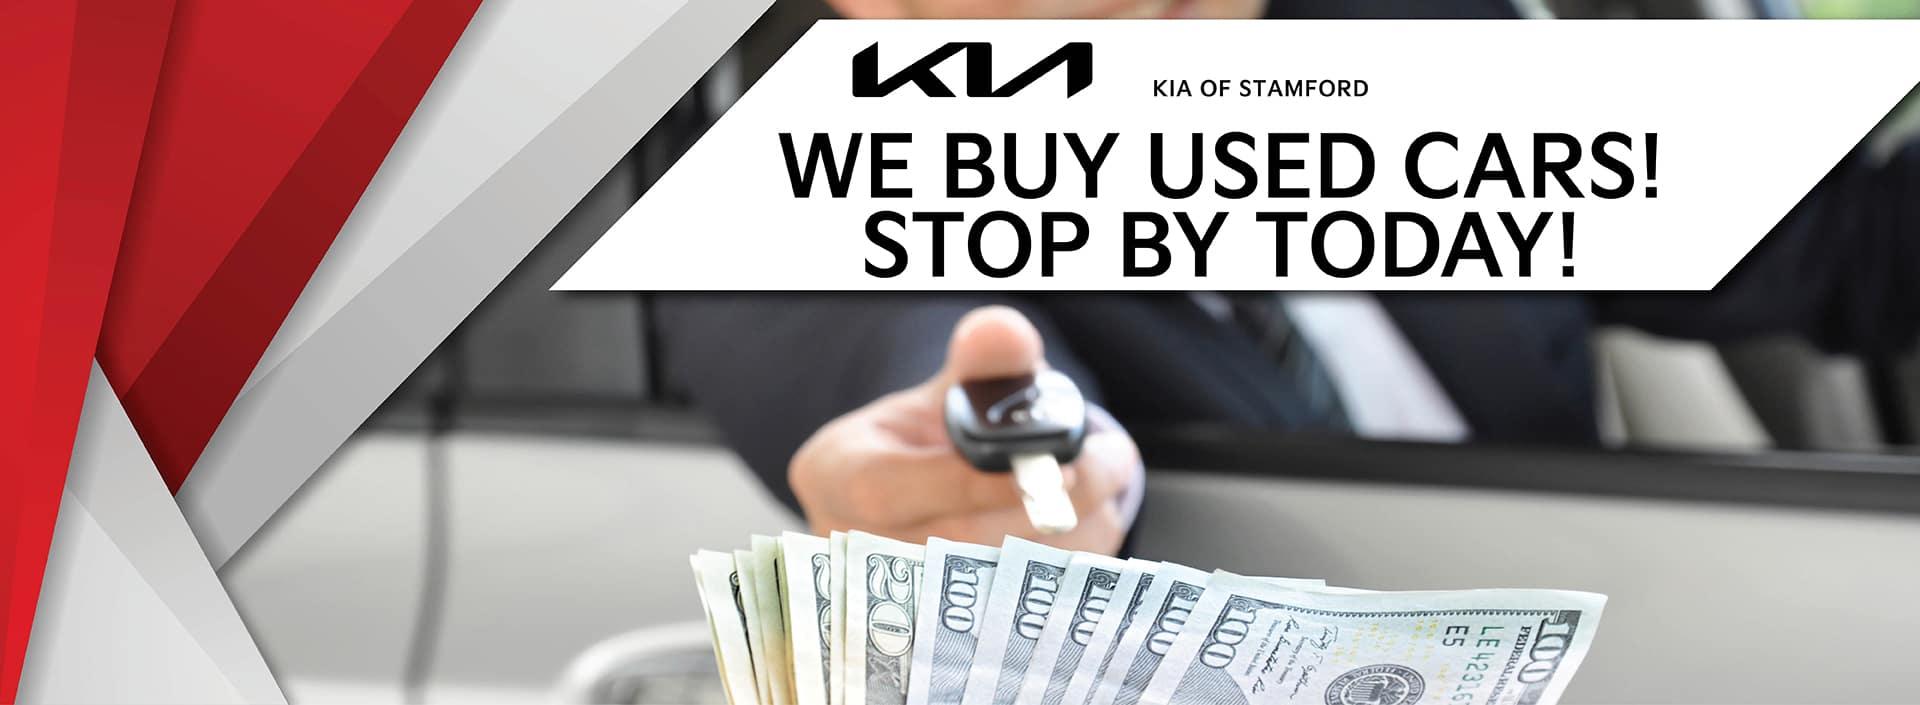 We Buy Used Cars   Kia of Stamford